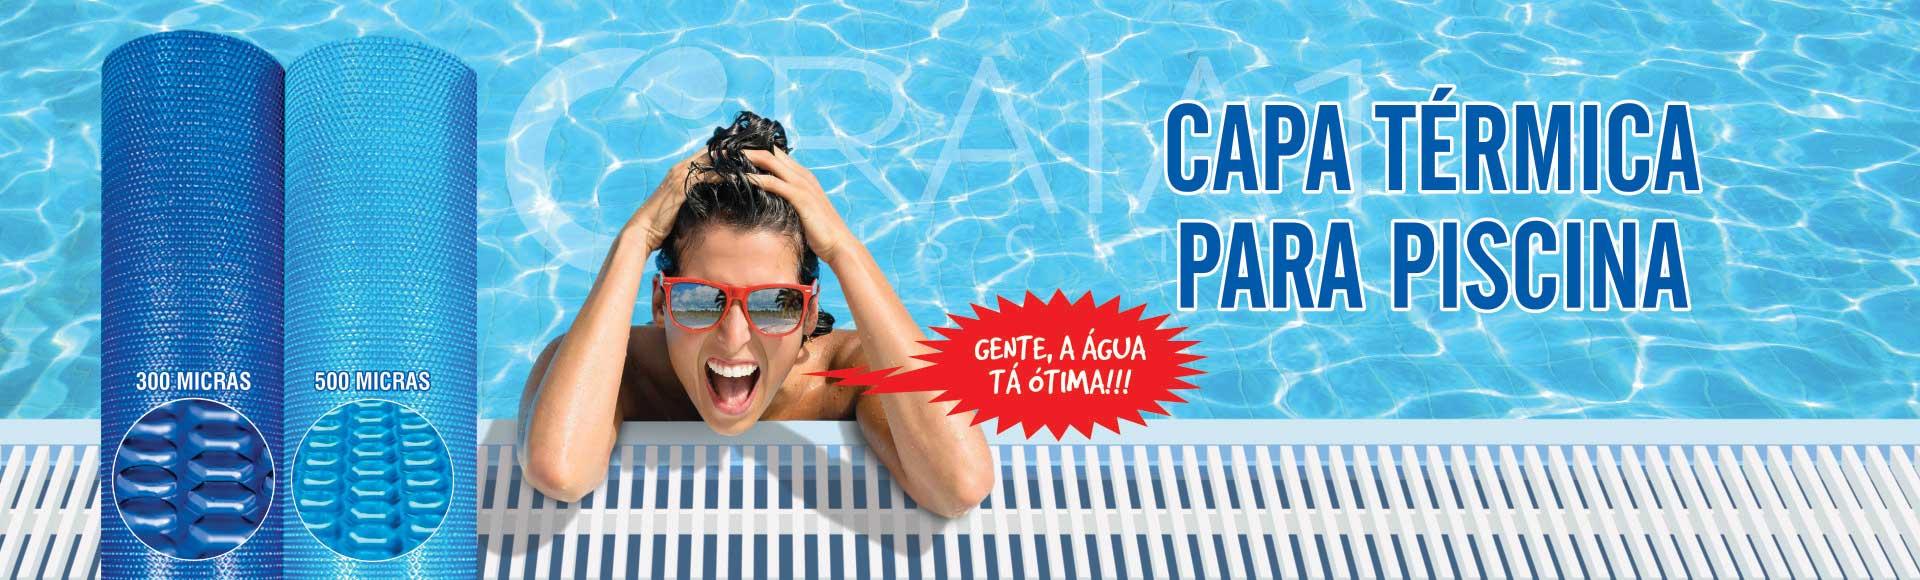 capa-térmica-para-piscina-bh-mg-brasil